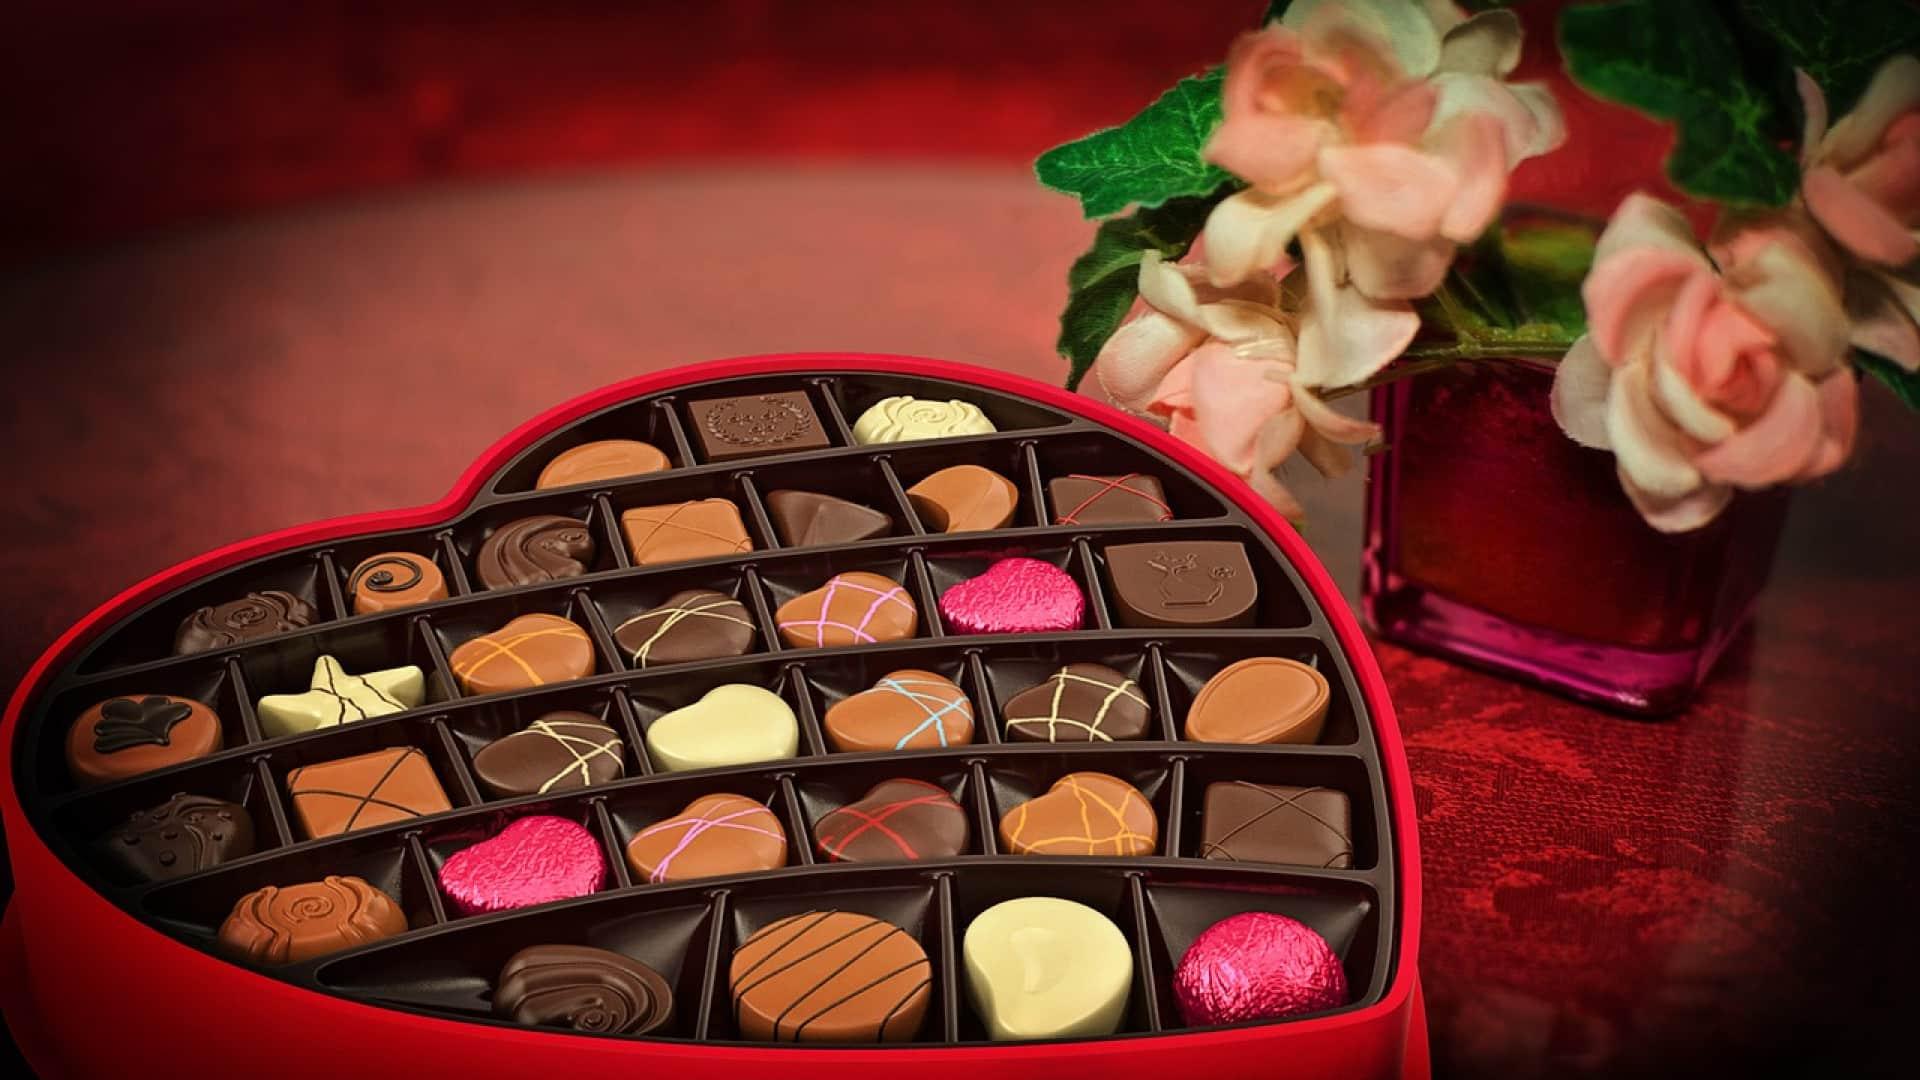 Pourquoi offrir du chocolat lors des fêtes de Noël ?